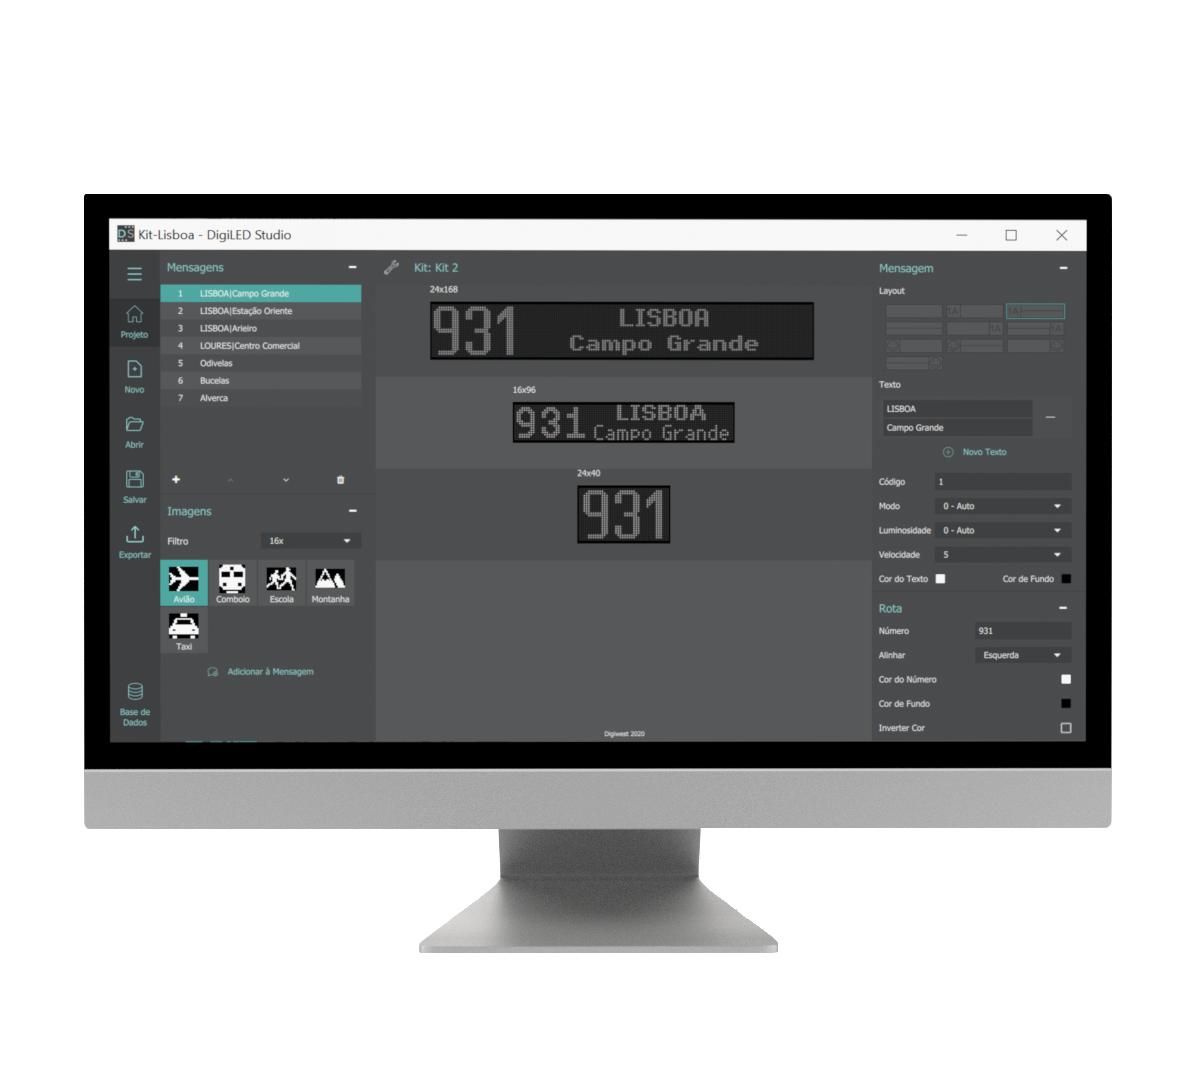 Aplicação DigiLED Studio